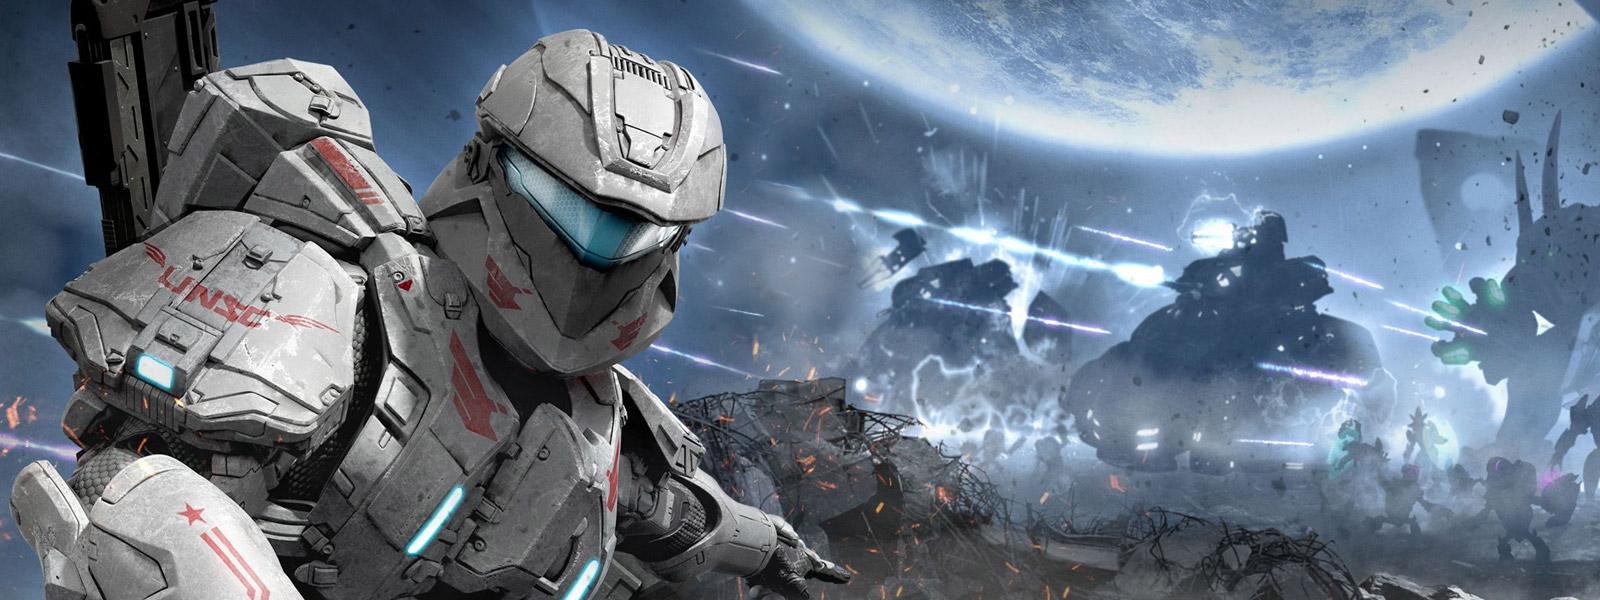 Halo Spartan Assault ganha data de lançamento para Xbox One/360.